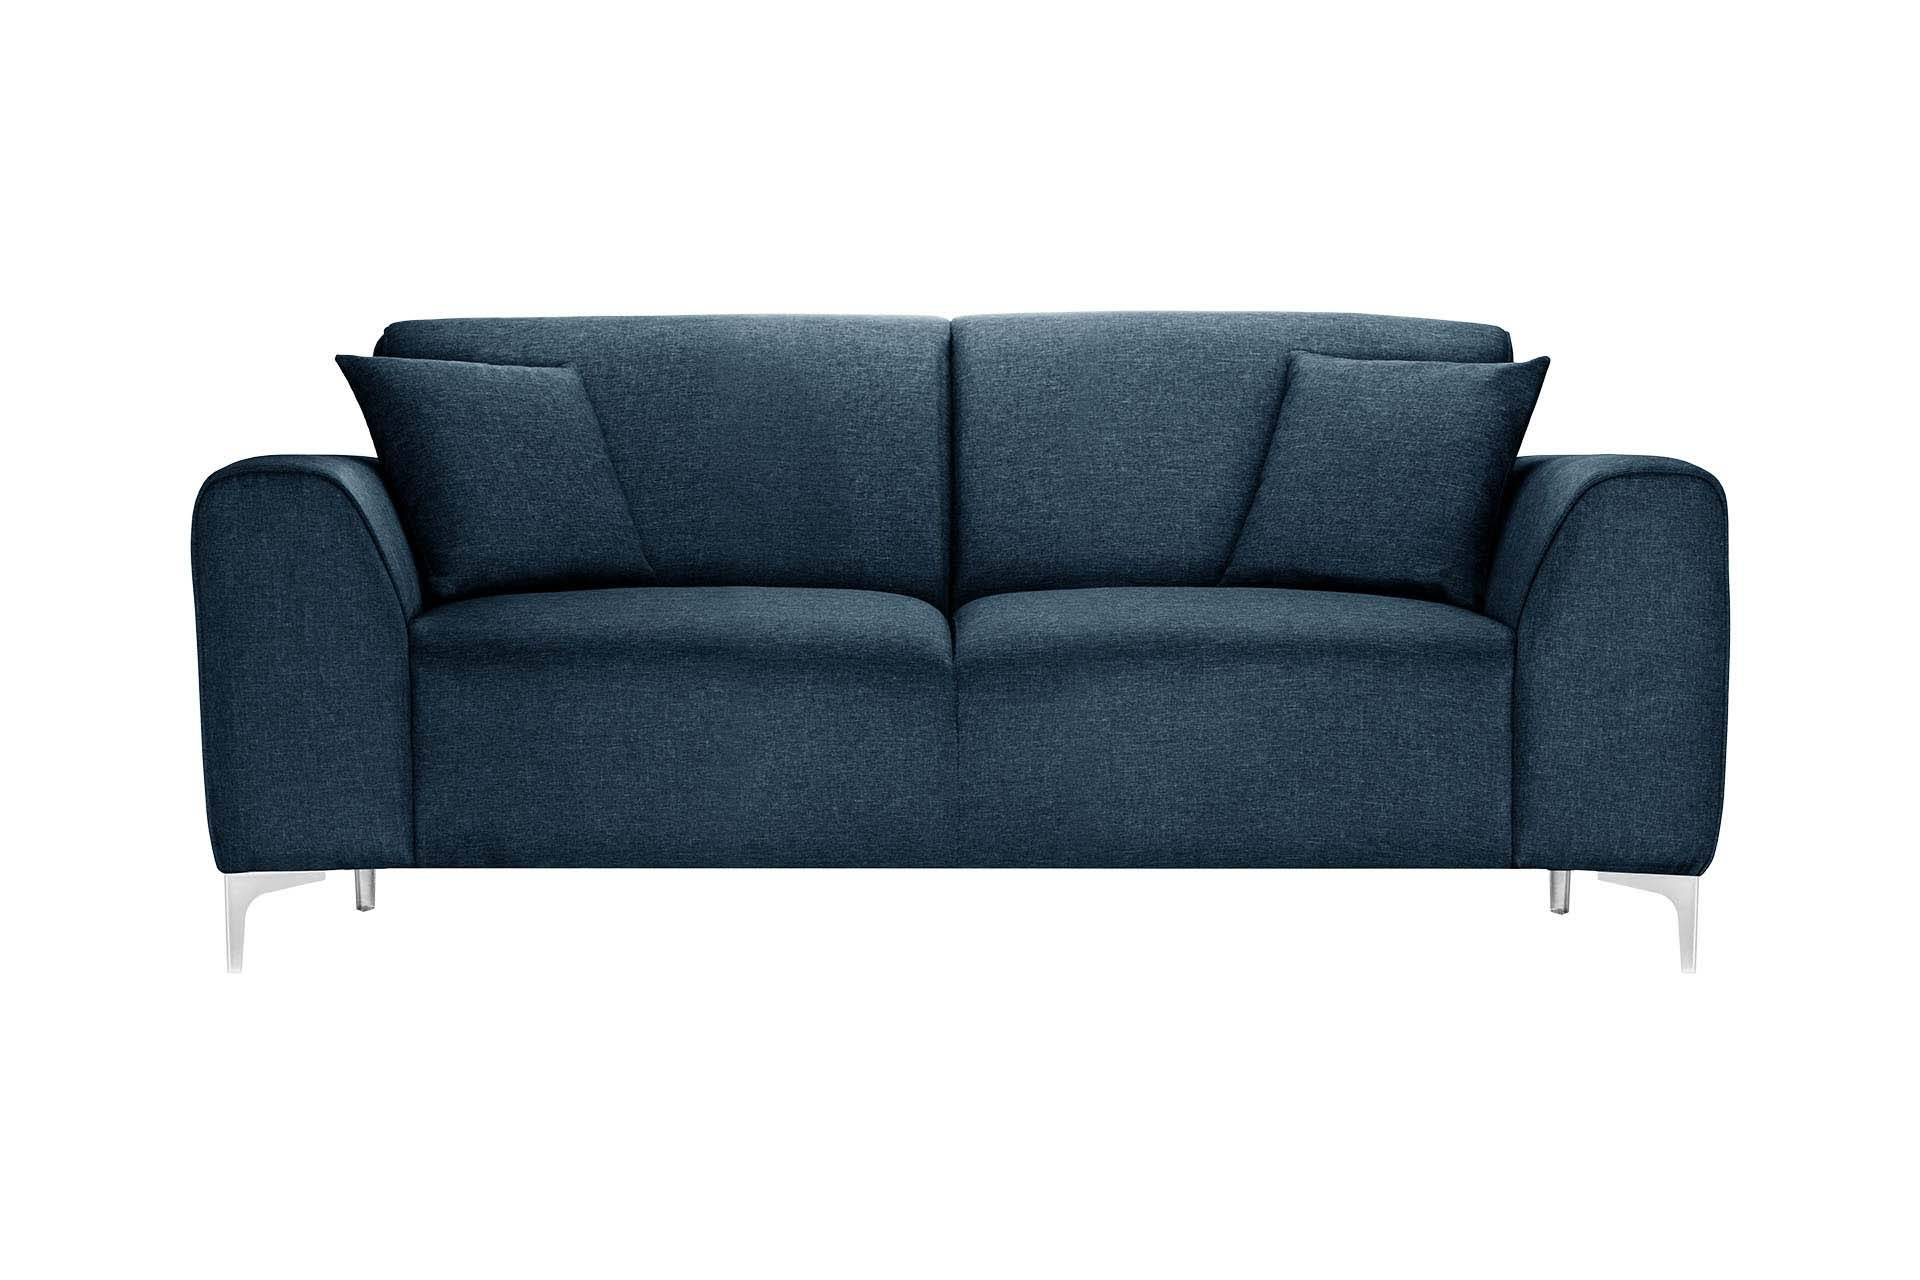 Florenzzi Canapé 2 places toucher lin bleu jeans